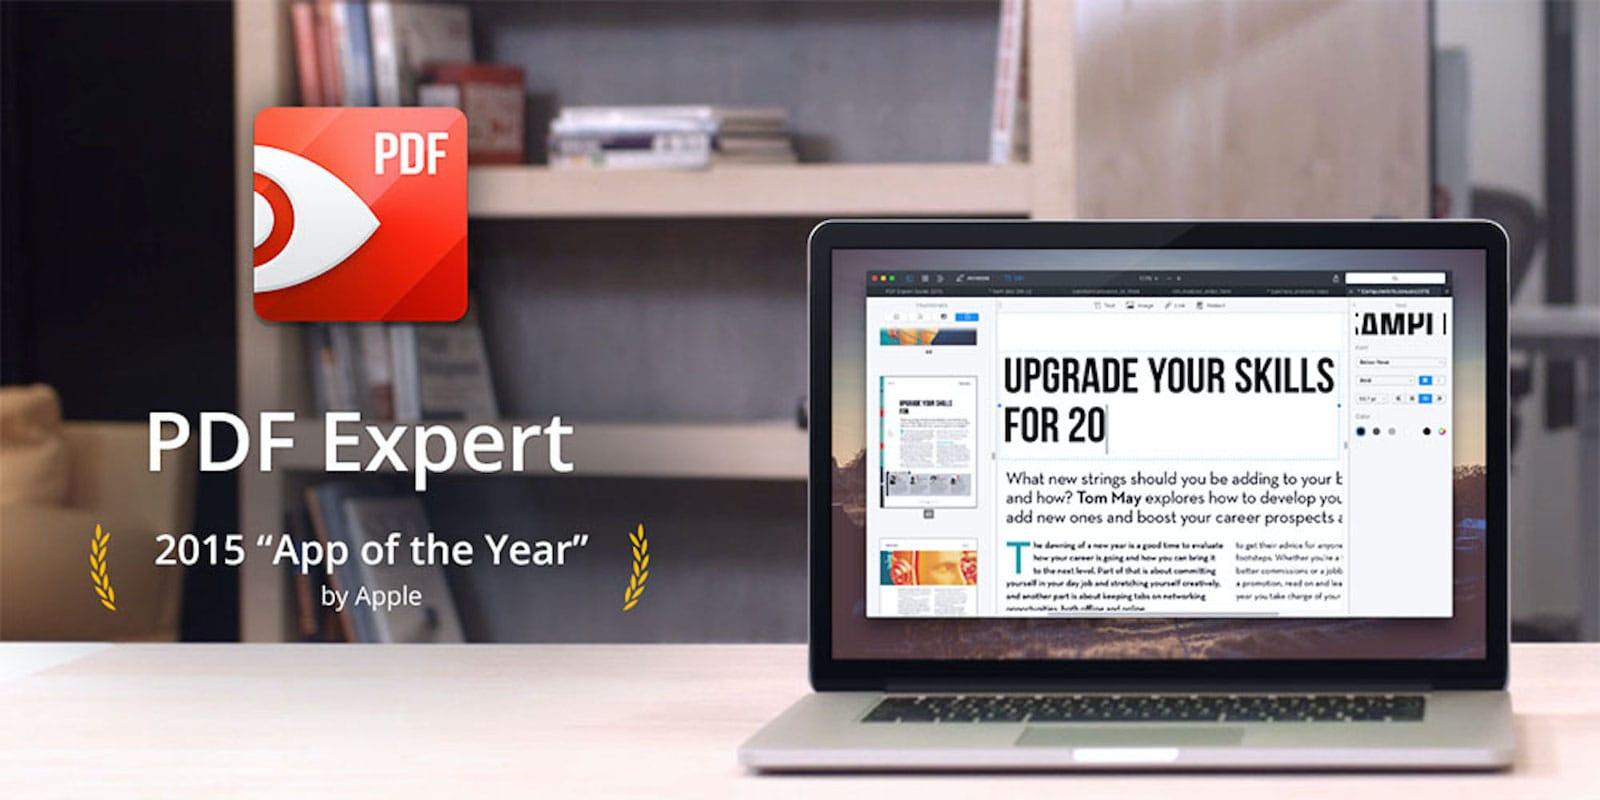 PDF Expert Award